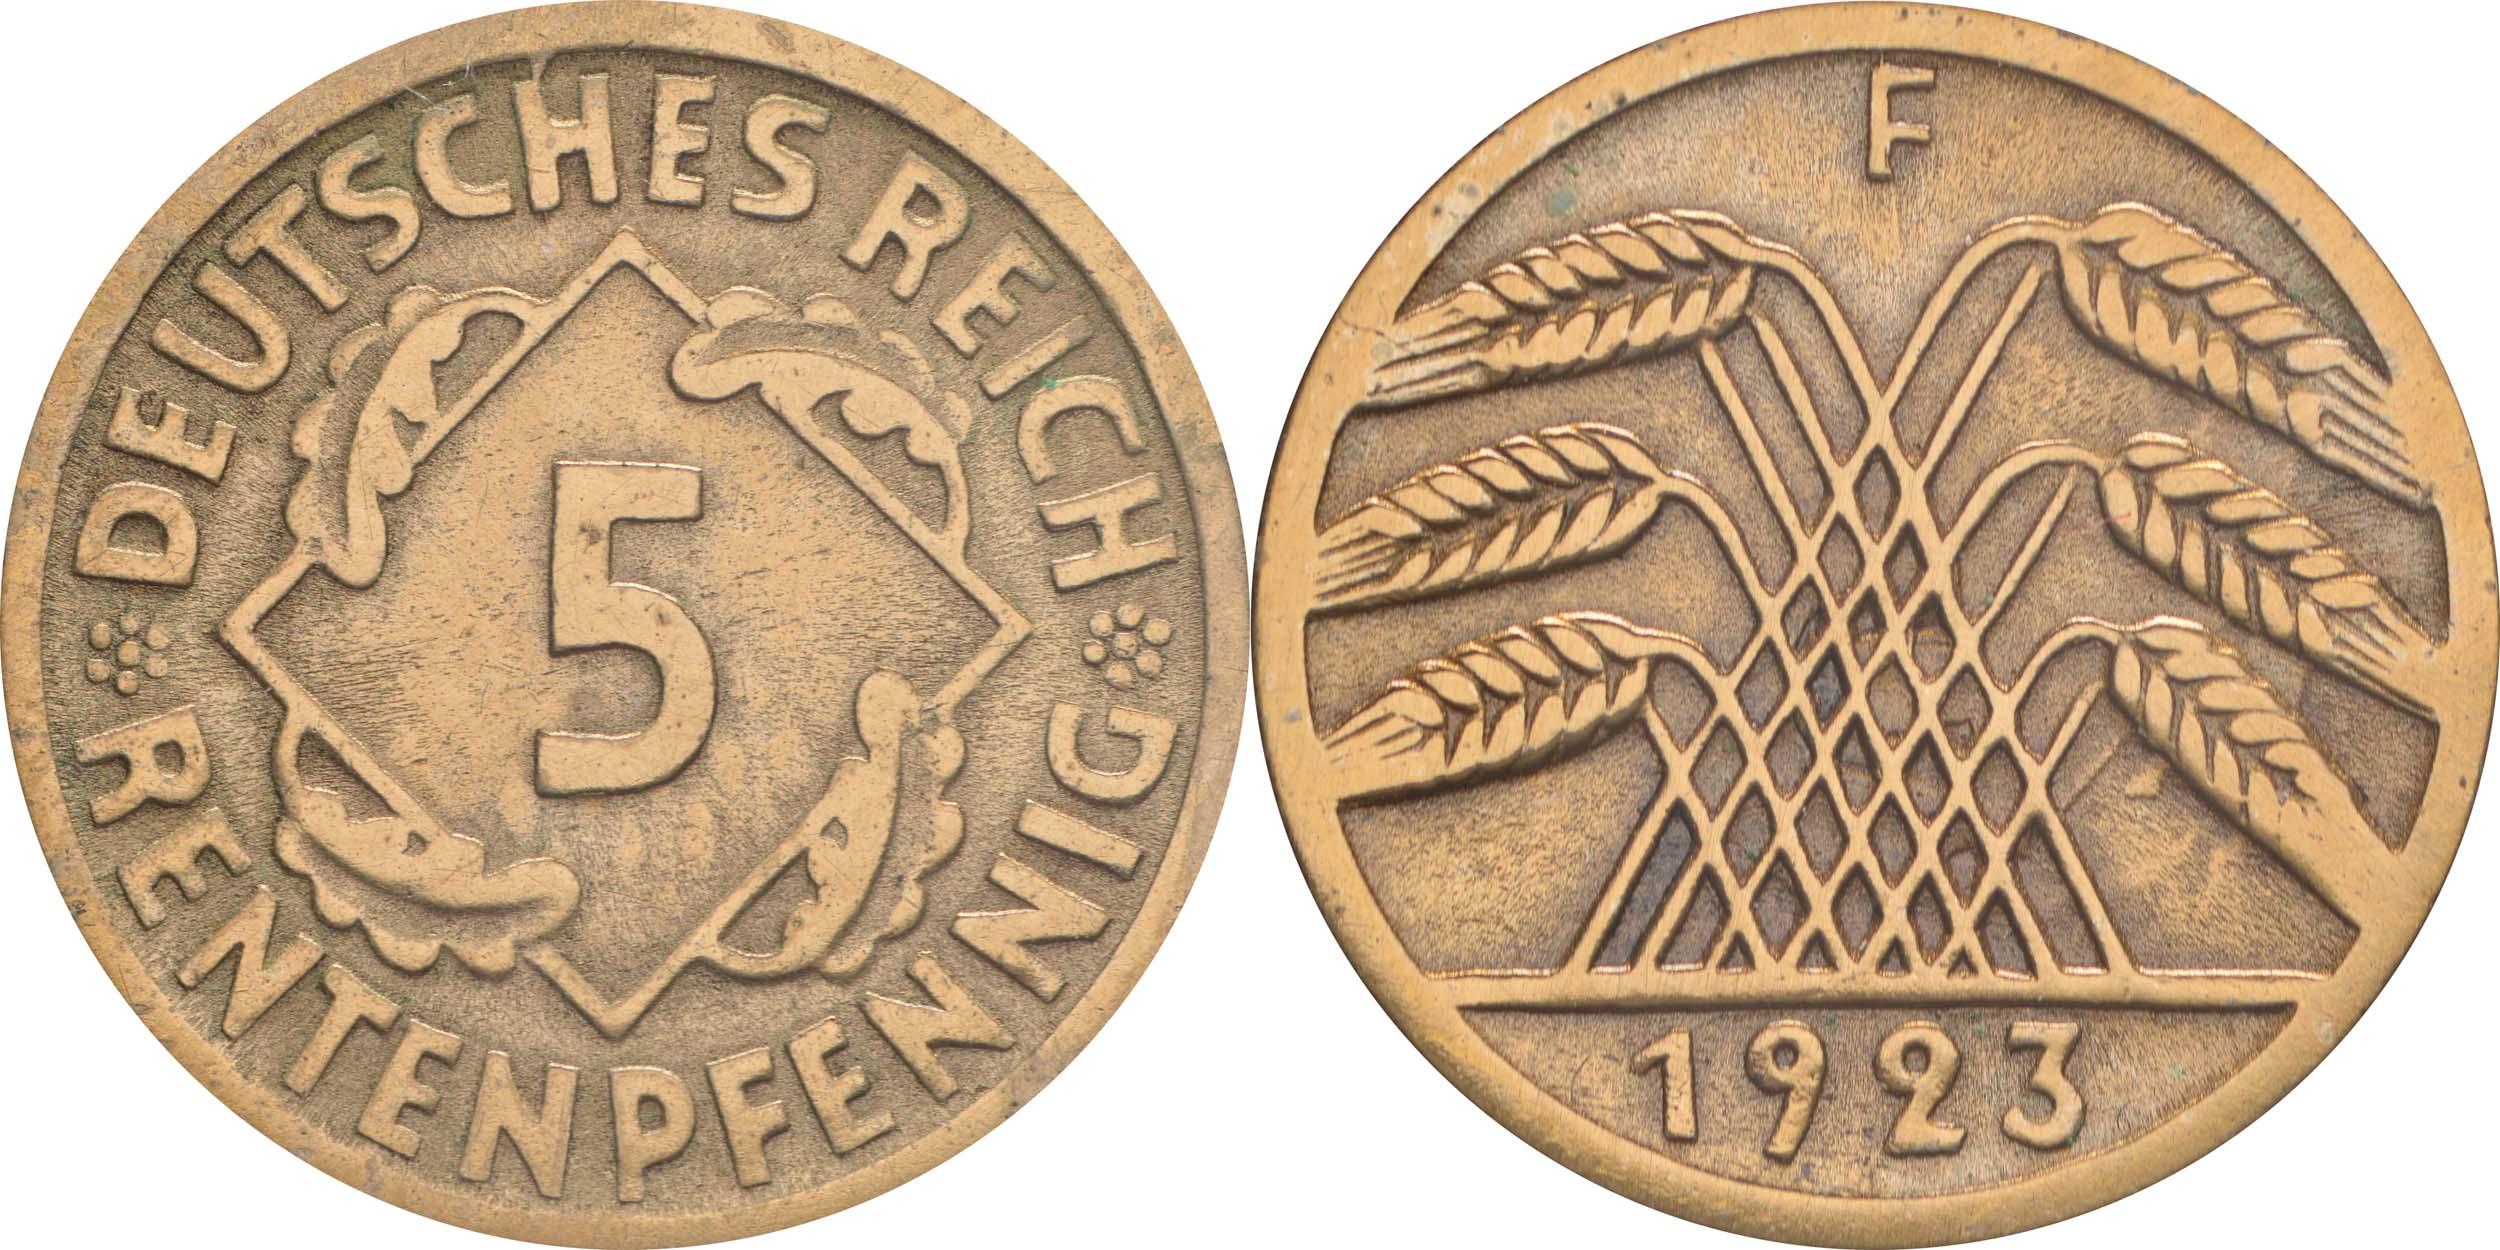 Lieferumfang:Deutschland : 5 Rentenpfennig Kursmünze  1923 ss/vz.